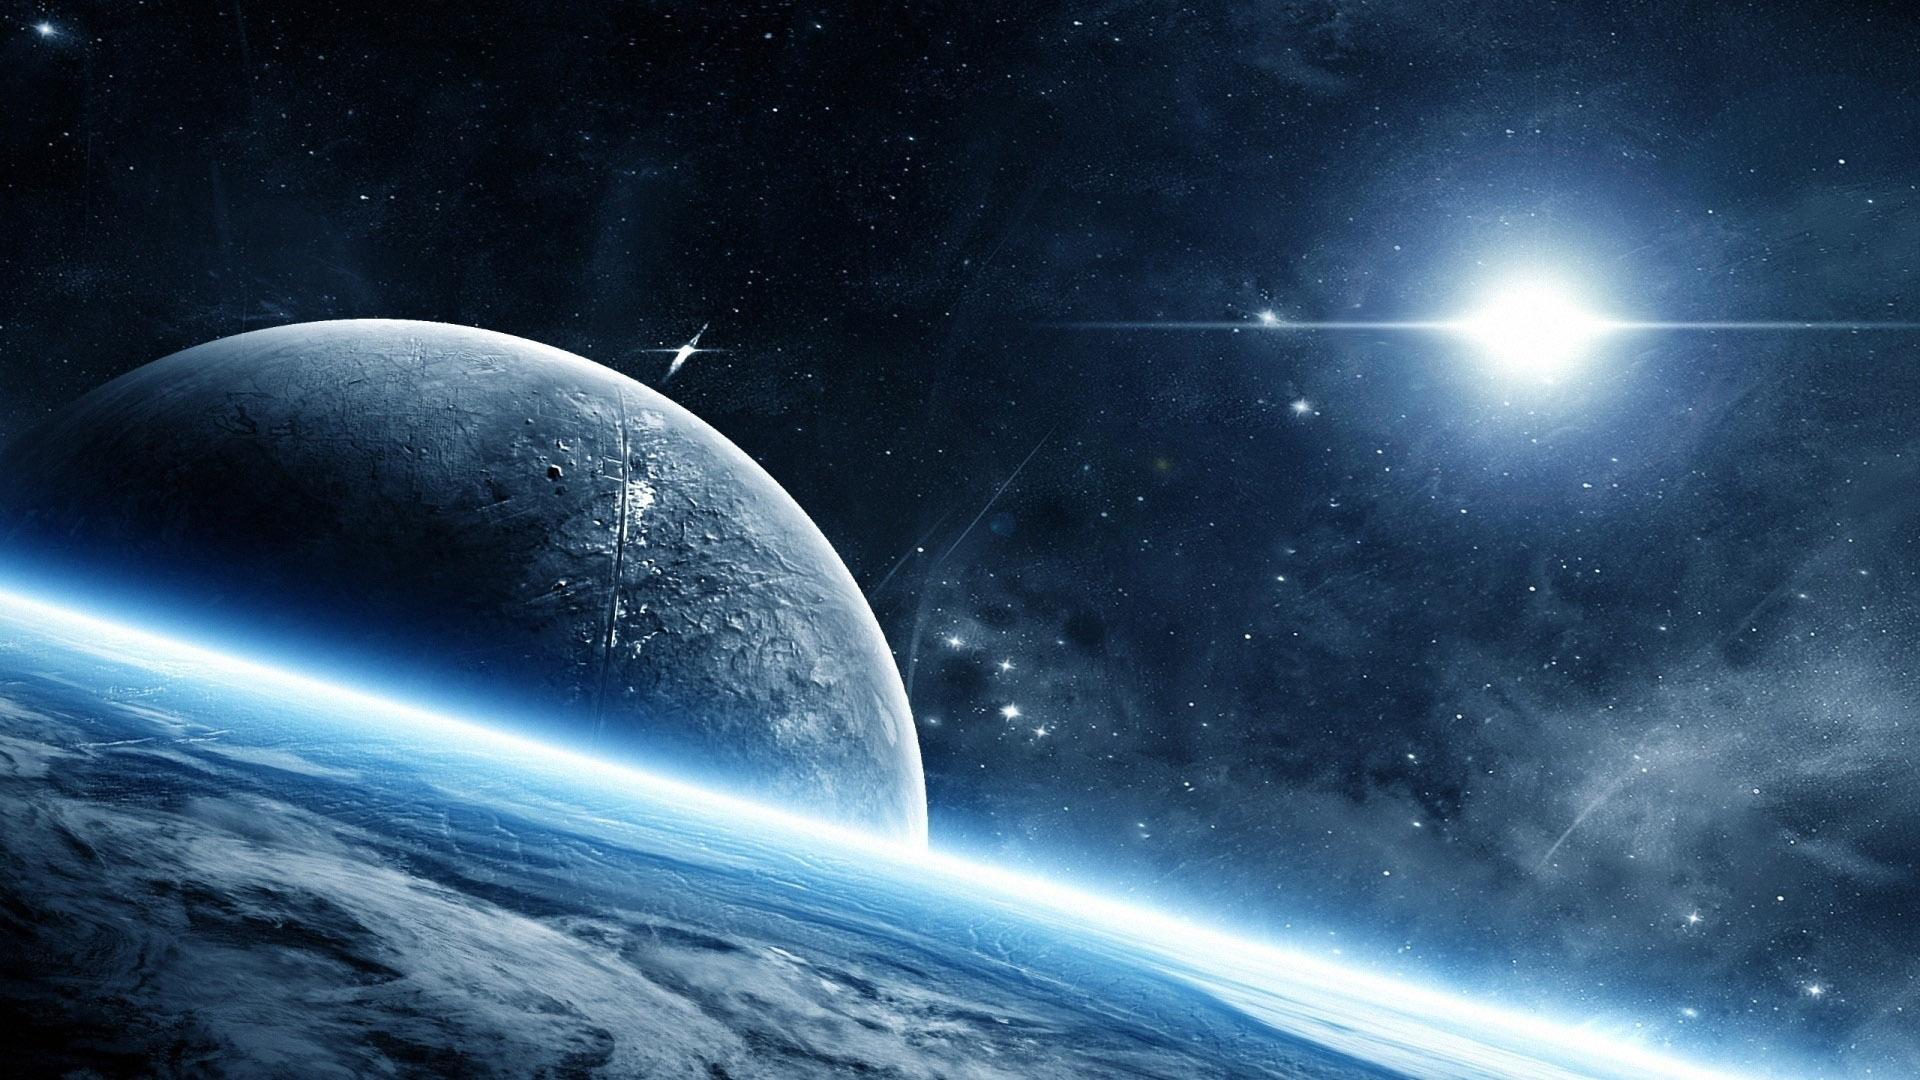 Красивые обои планет, космоса, галактик на рабочий стол - подборка 9